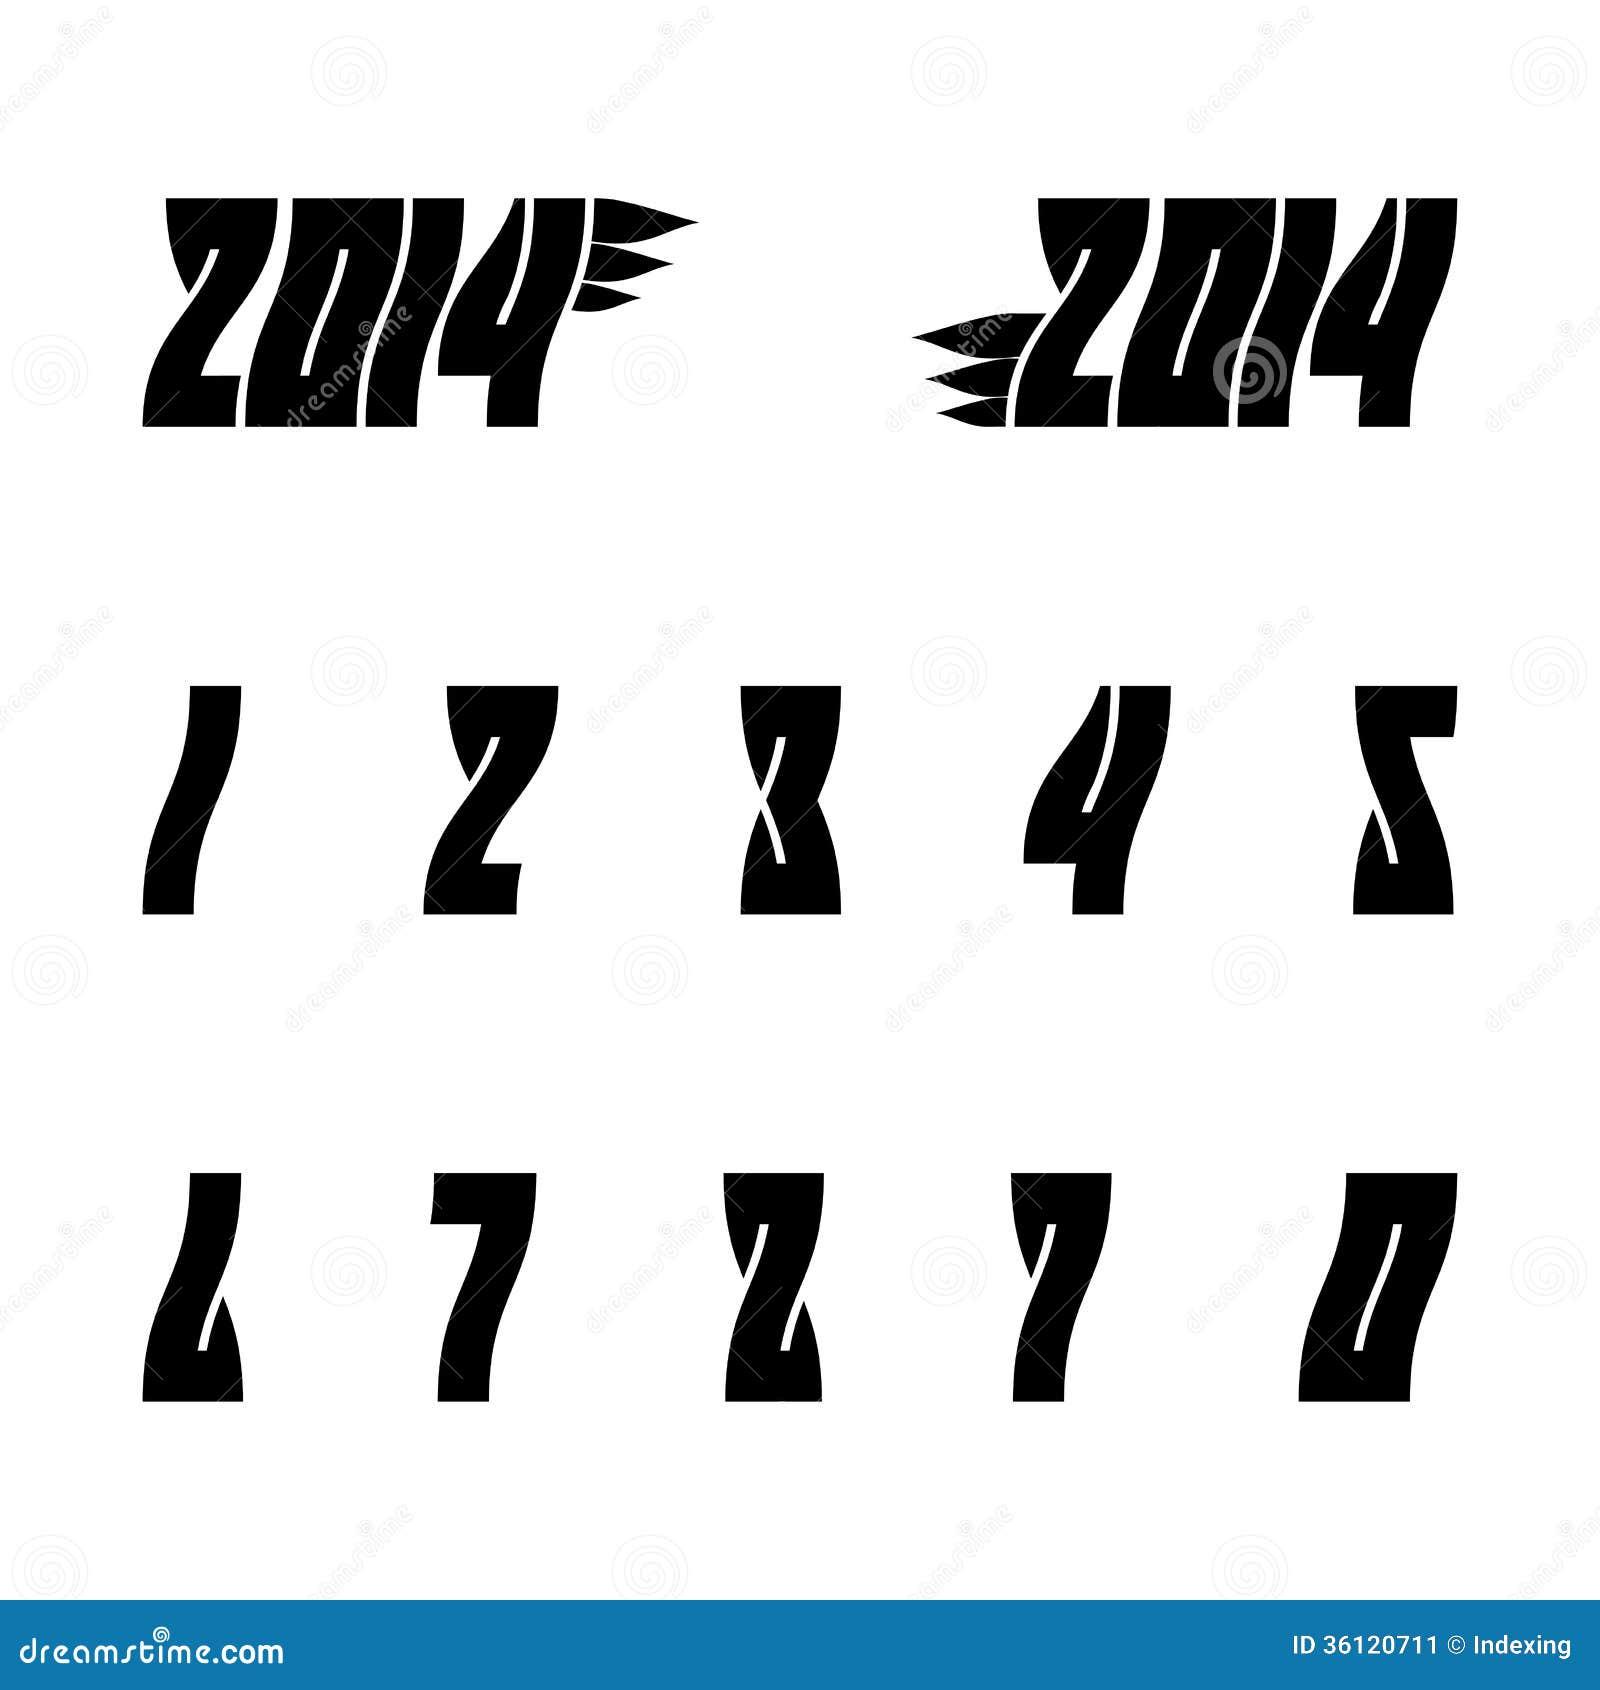 arabische cijfers stock afbeelding afbeelding 36120711